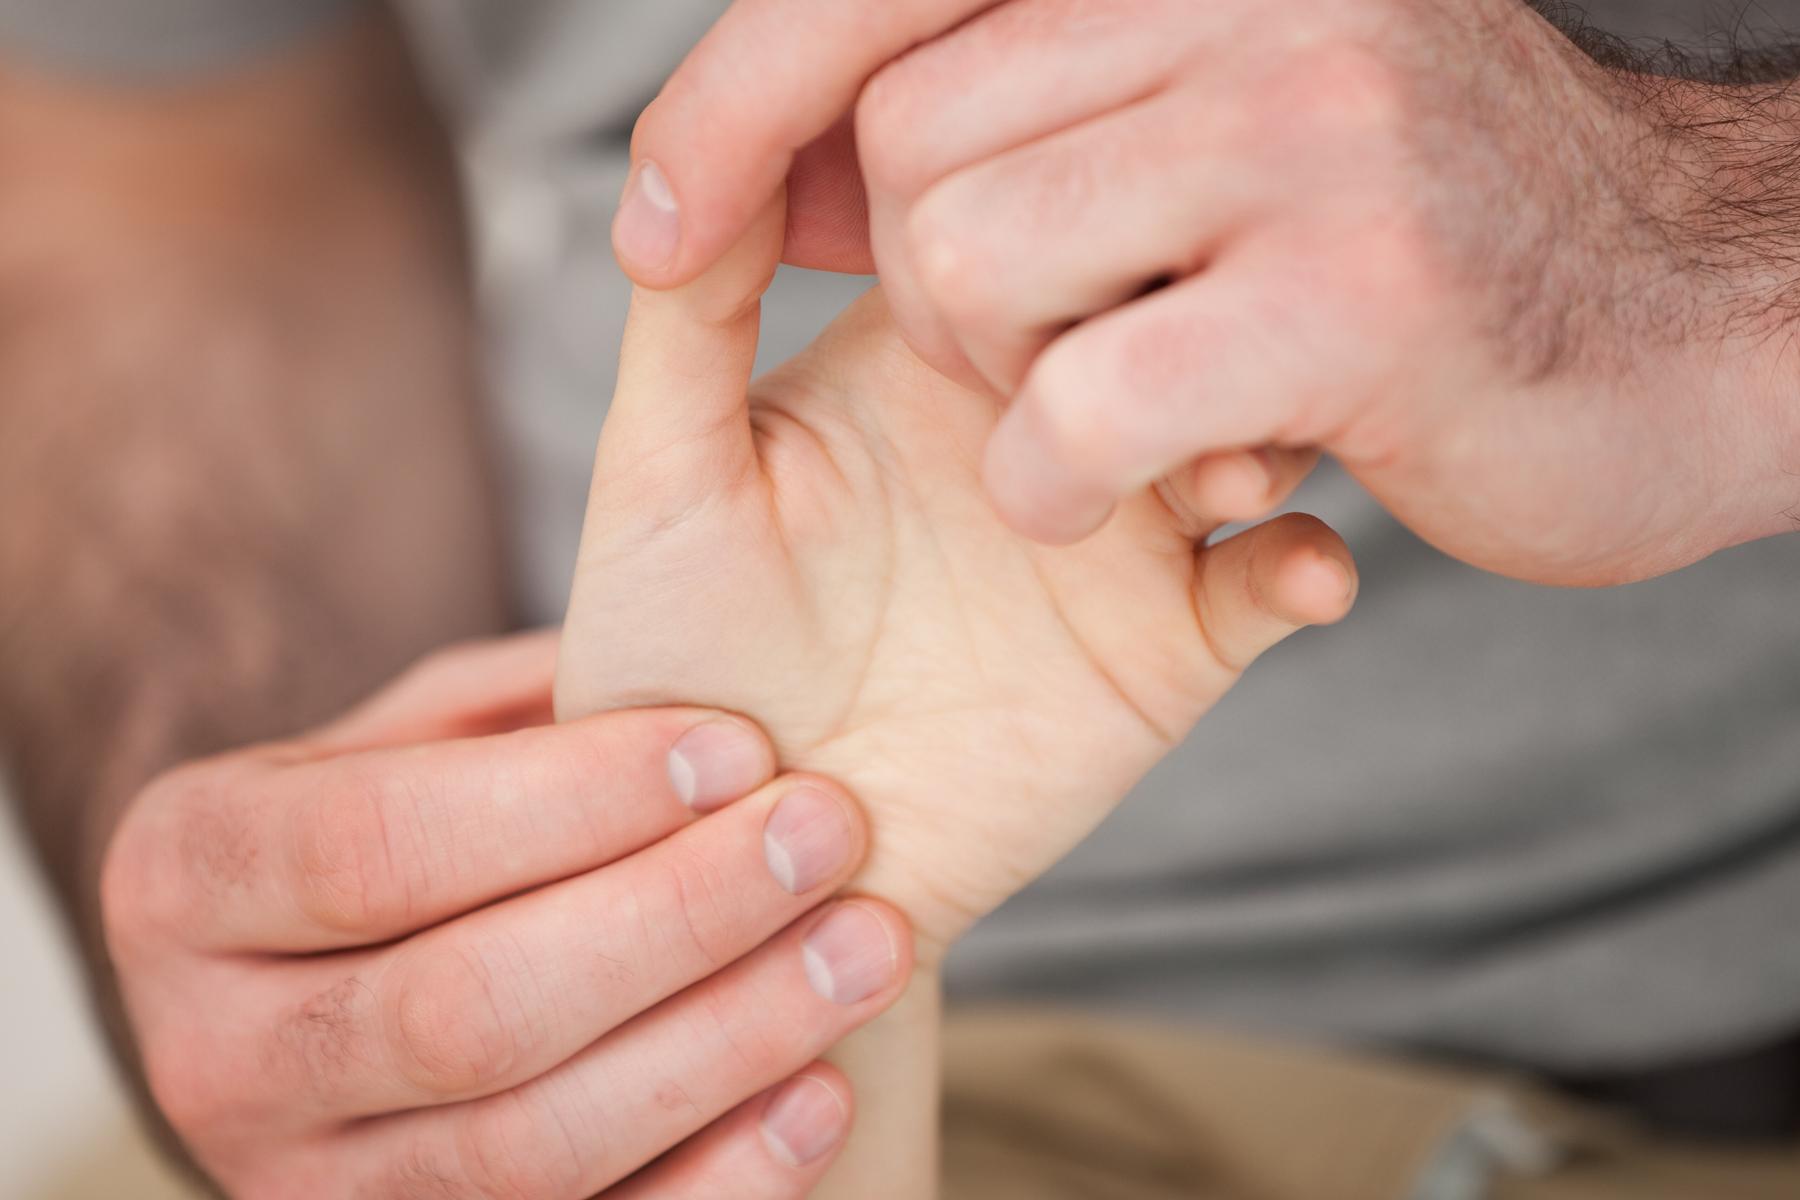 Malattie reumatiche spesso scoperte in ritardo: come riconoscere i sintomi